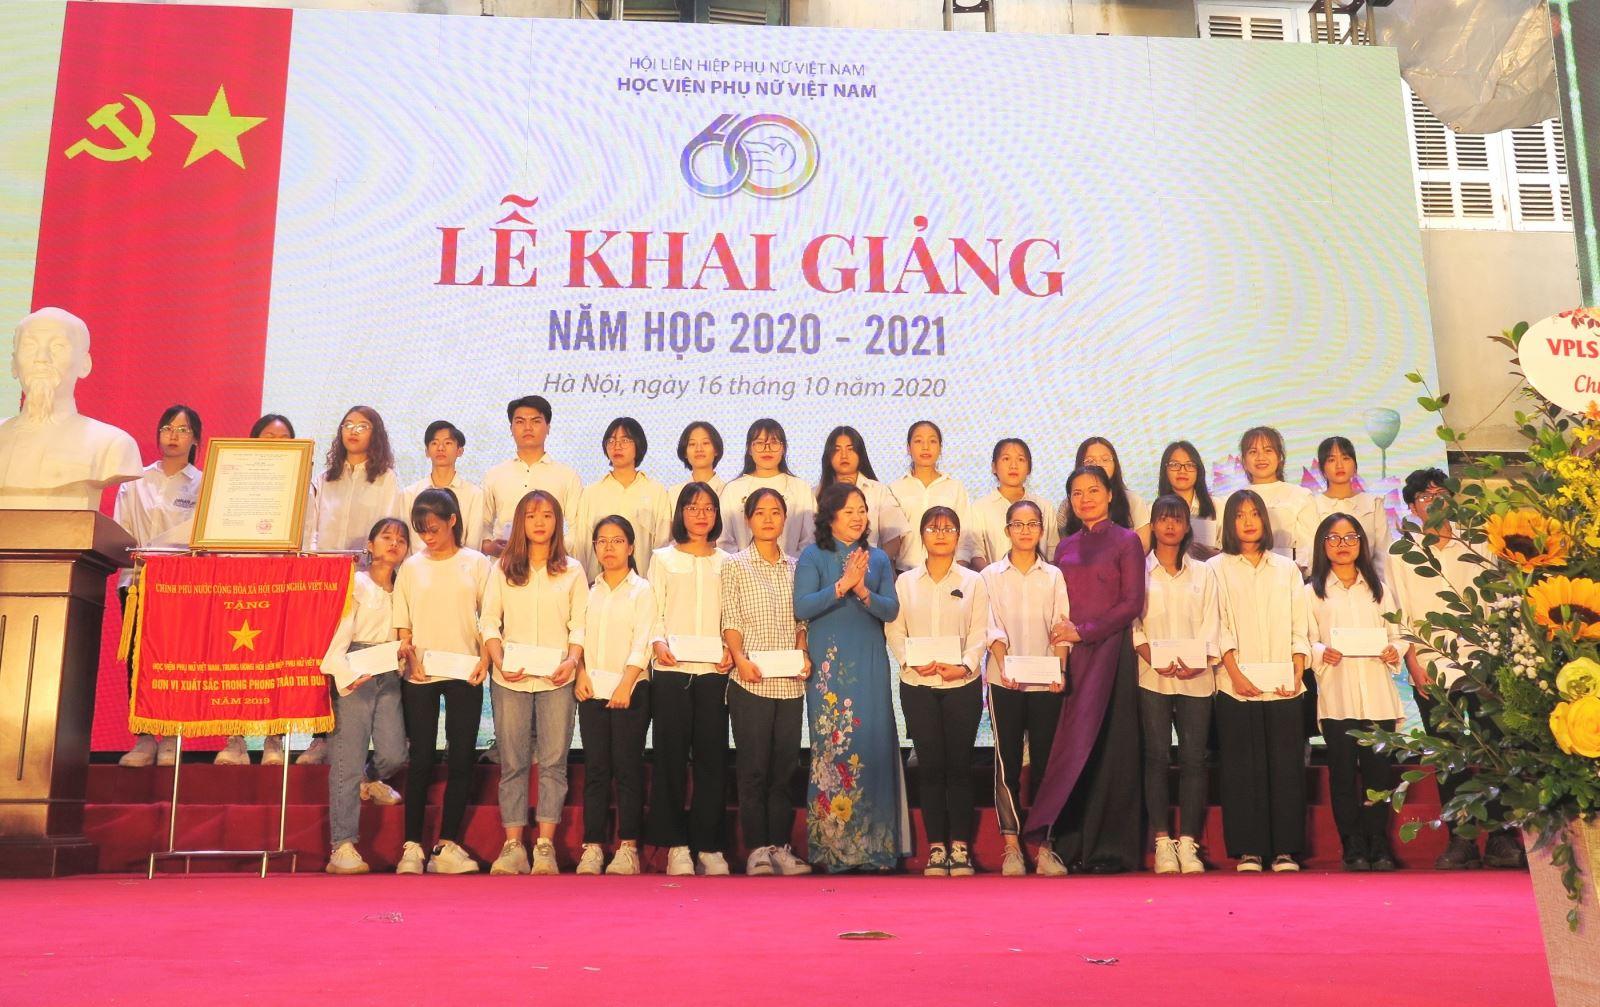 Học viện Phụ nữ Việt Nam hỗ trợ học bổng cho sinh viên